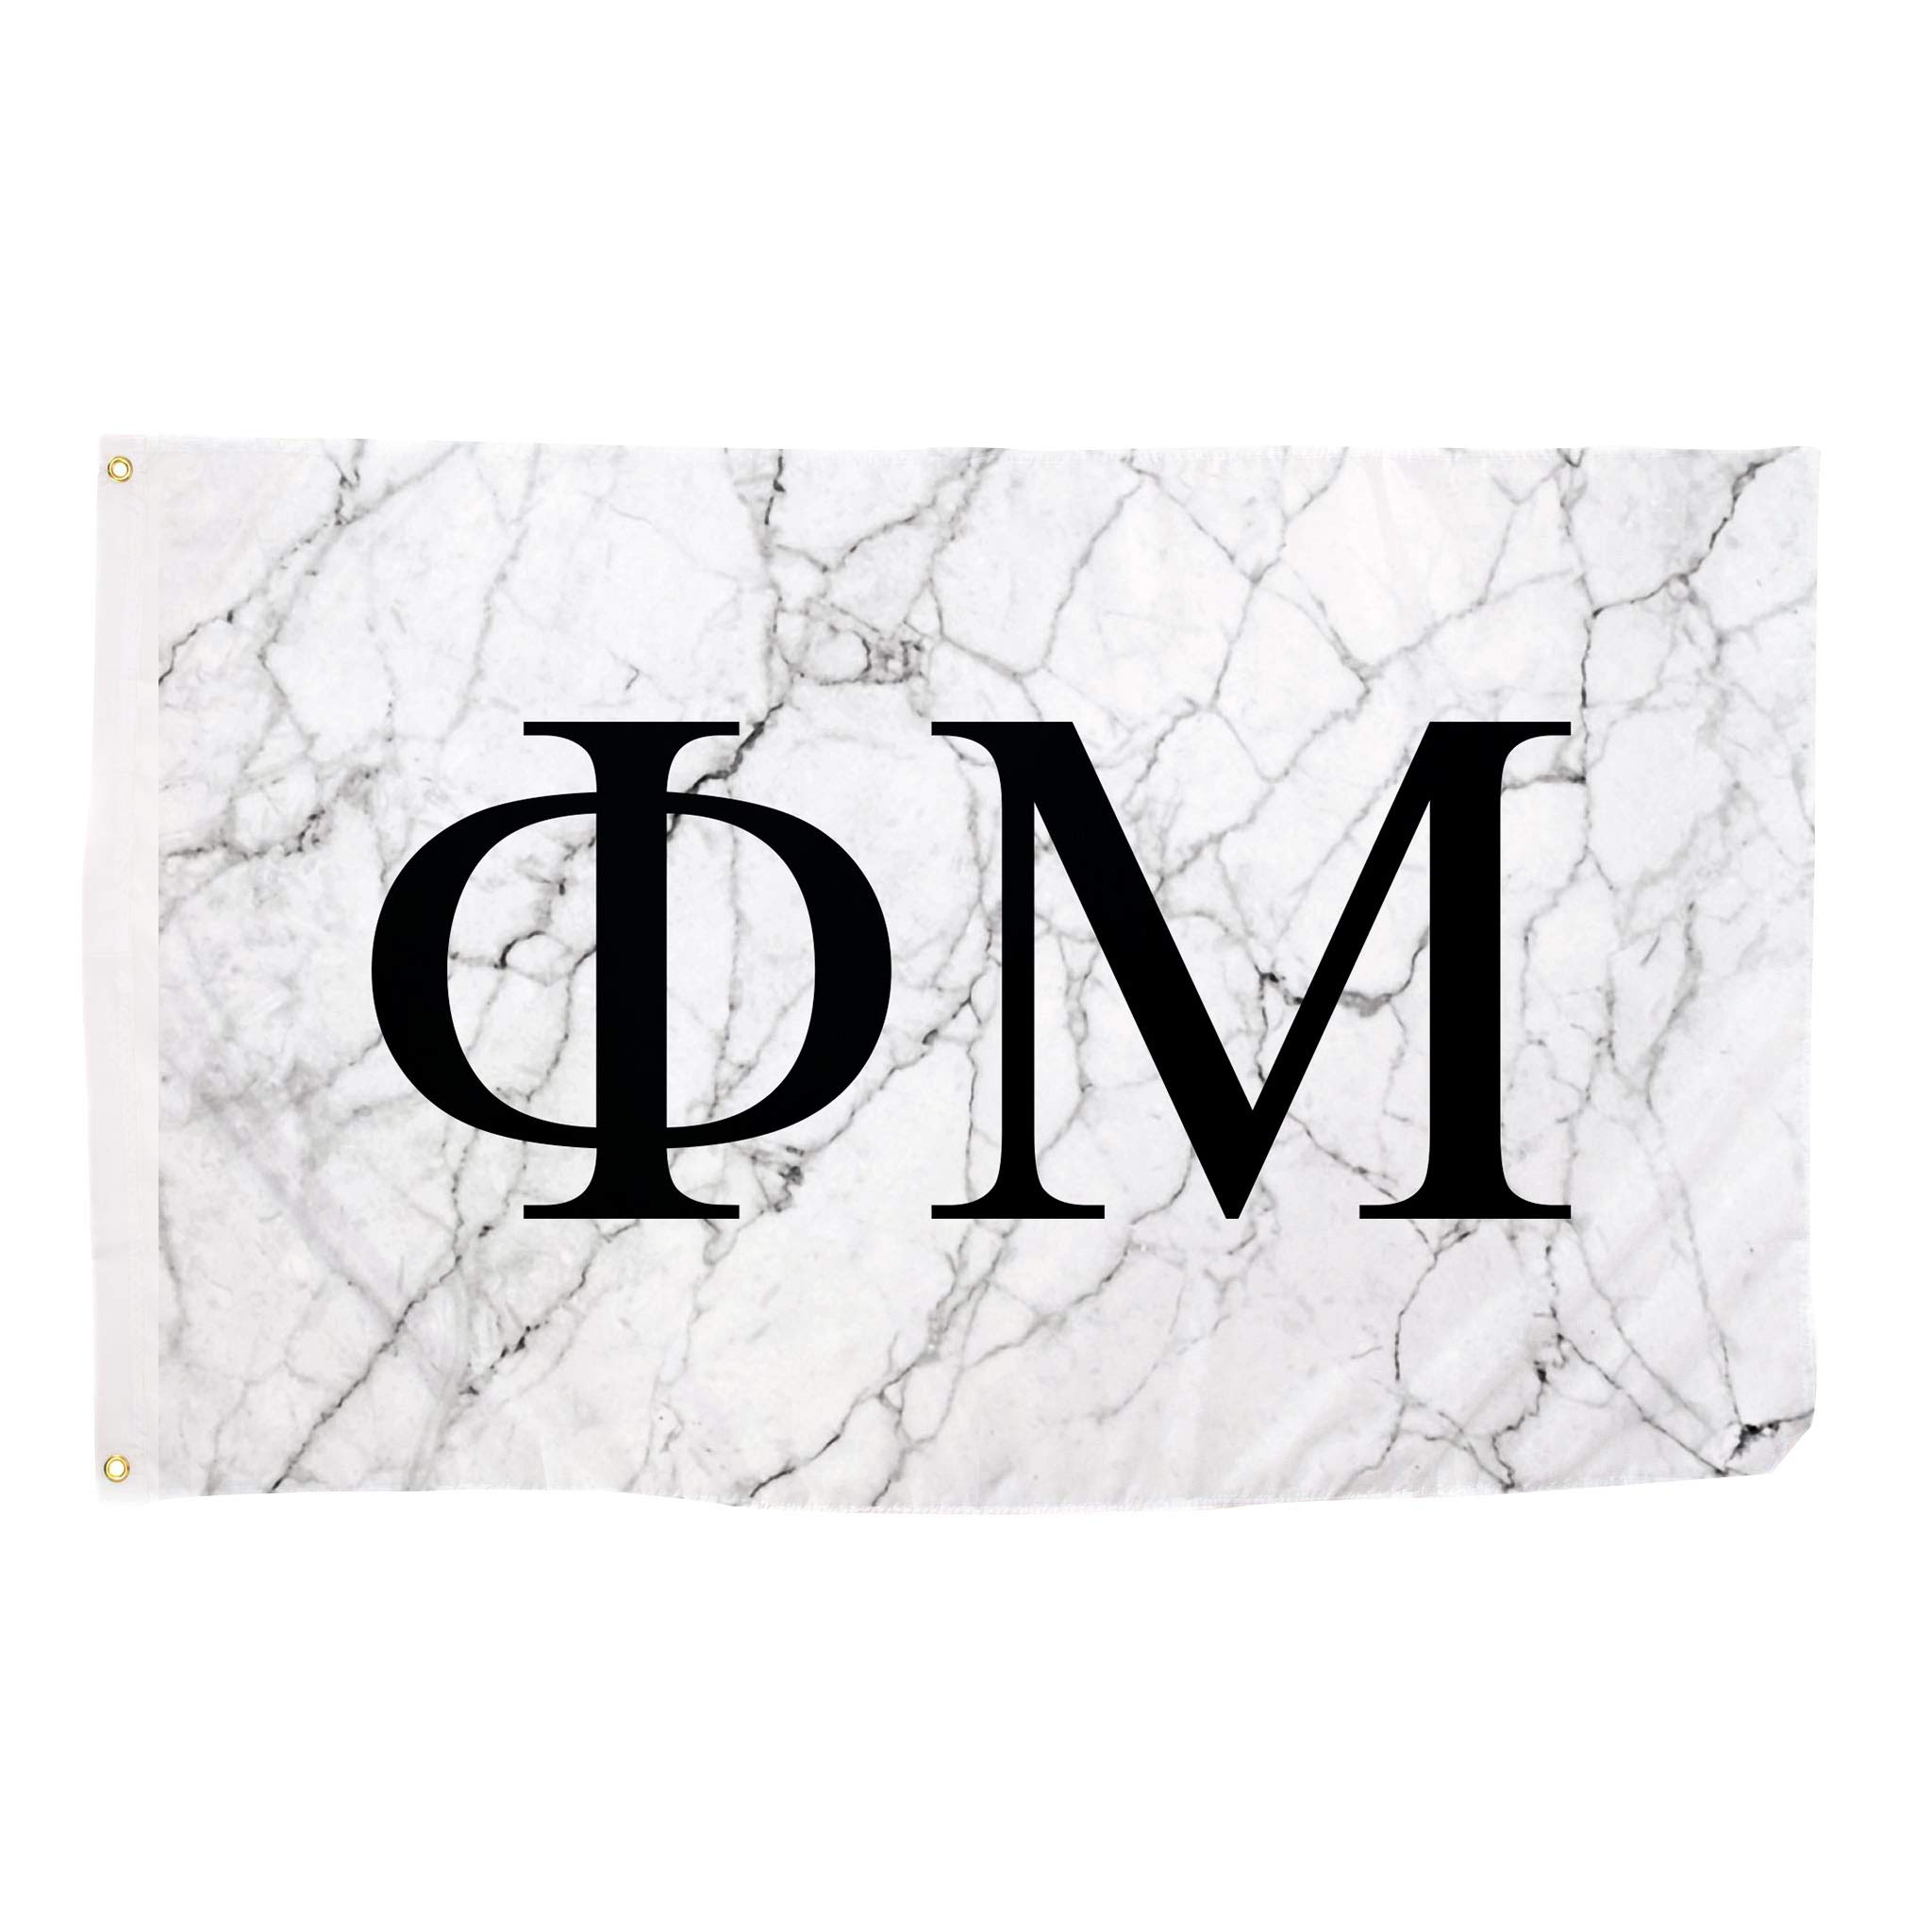 Phi Mu Light Marble Sorority Letter Flag Banner 3 x 5 Sign Decor